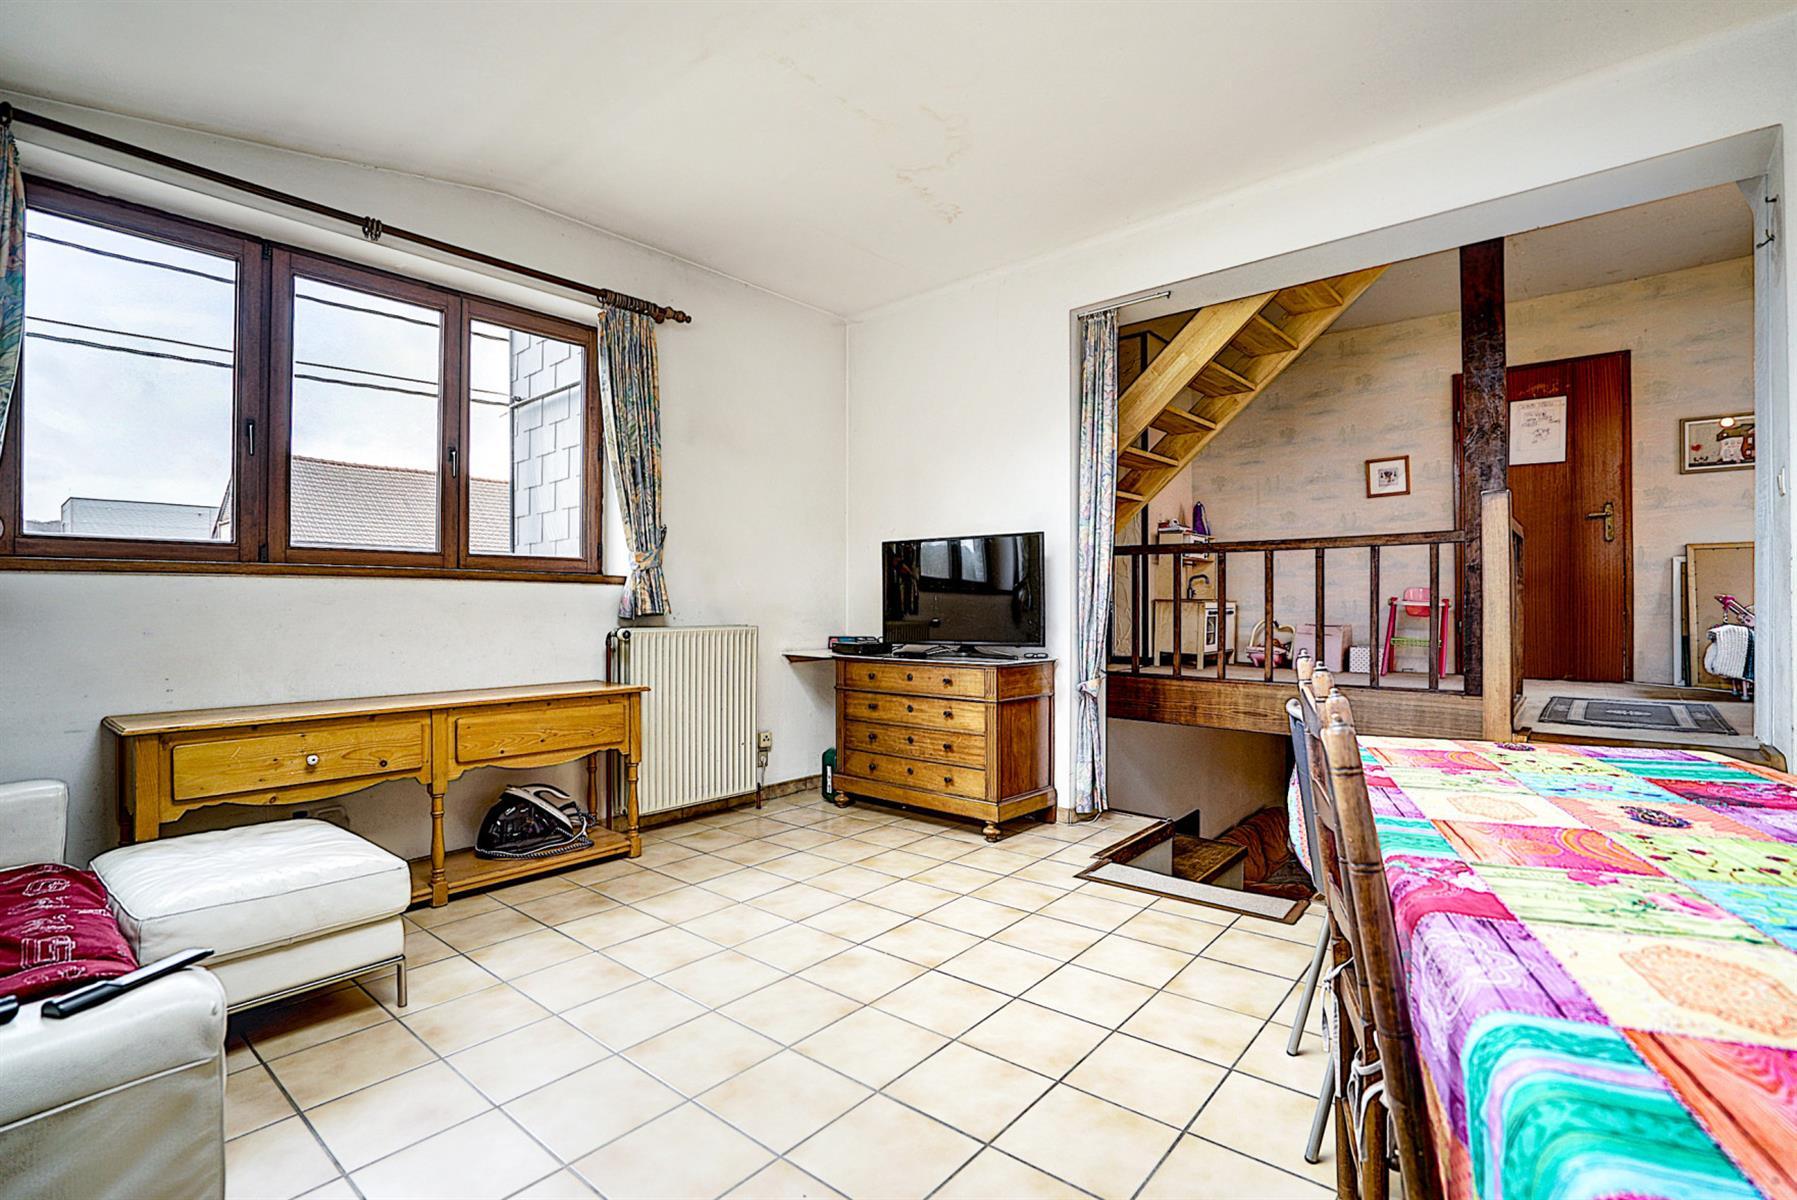 Maison - Grez-doiceau - #4288796-9